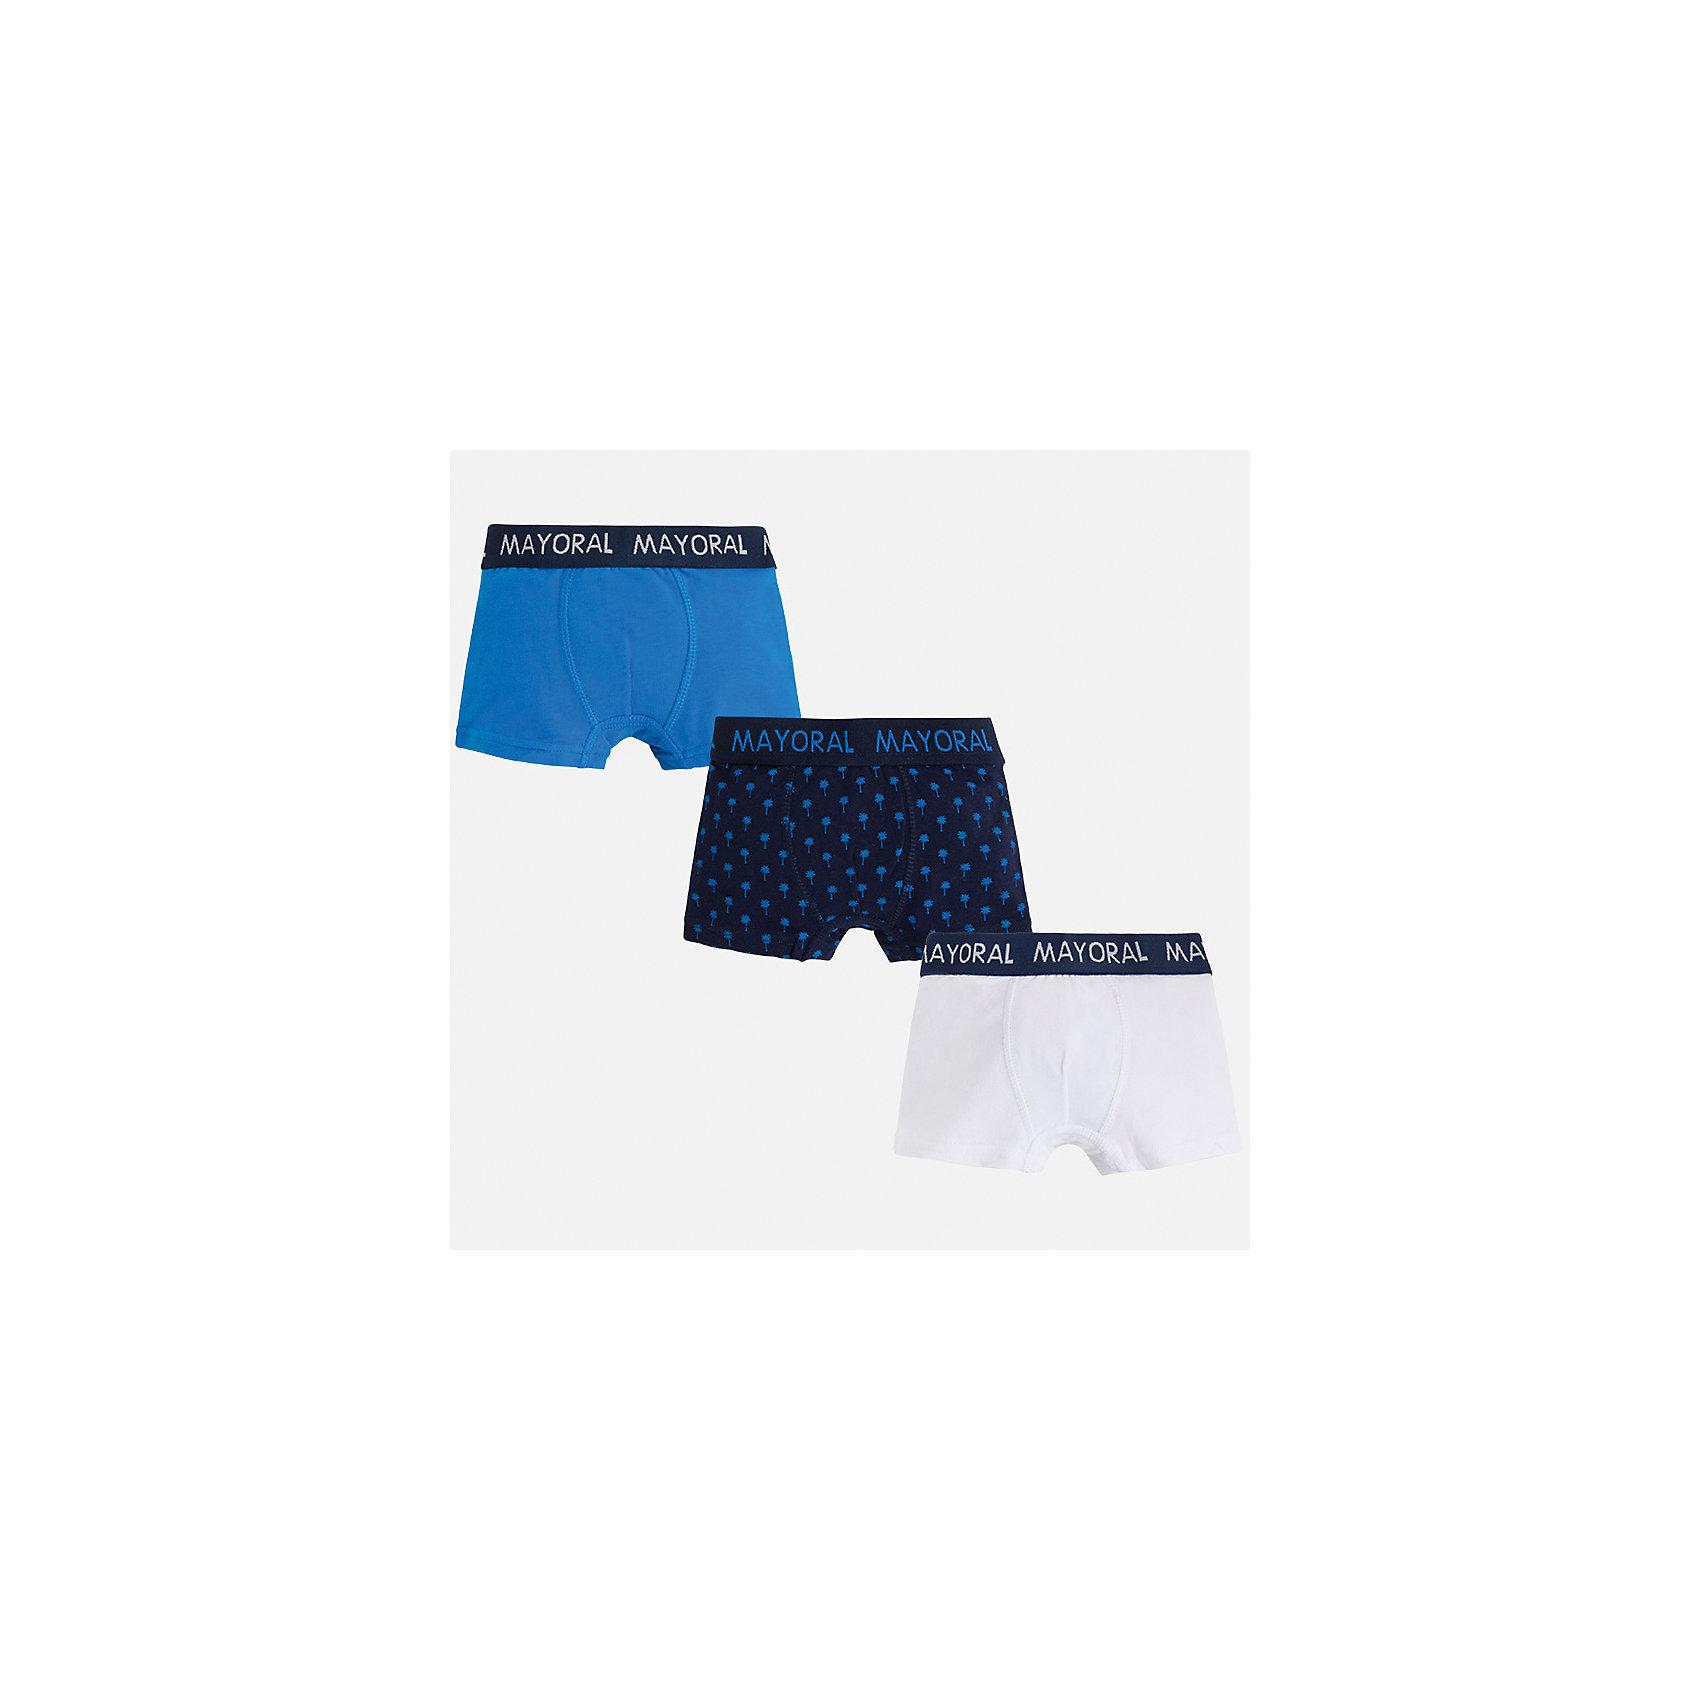 Трусы (3 пары) для мальчика MayoralНижнее бельё<br>Характеристики товара:<br><br>• цвет: голубой/синий/белый<br>• состав: 95% хлопок, 5% эластан<br>• комплектация: 3 шт<br>• мягкая резинка<br>• эластичный материал<br>• комбинированный материал<br>• страна бренда: Испания<br><br>Удобные симпатичные трусы для мальчика помогут обеспечить ребенку комфорт. В составе материала - натуральный хлопок, гипоаллергенный, приятный на ощупь, дышащий. На поясе - мягкая широкая резинка, которая не давит на живот и не натирает.<br><br>Трусы (3 пары) для мальчика от испанского бренда Mayoral (Майорал) можно купить в нашем интернет-магазине.<br><br>Ширина мм: 196<br>Глубина мм: 10<br>Высота мм: 154<br>Вес г: 152<br>Цвет: синий<br>Возраст от месяцев: 18<br>Возраст до месяцев: 24<br>Пол: Мужской<br>Возраст: Детский<br>Размер: 92,164,104,116,128,140,152,158<br>SKU: 5294325